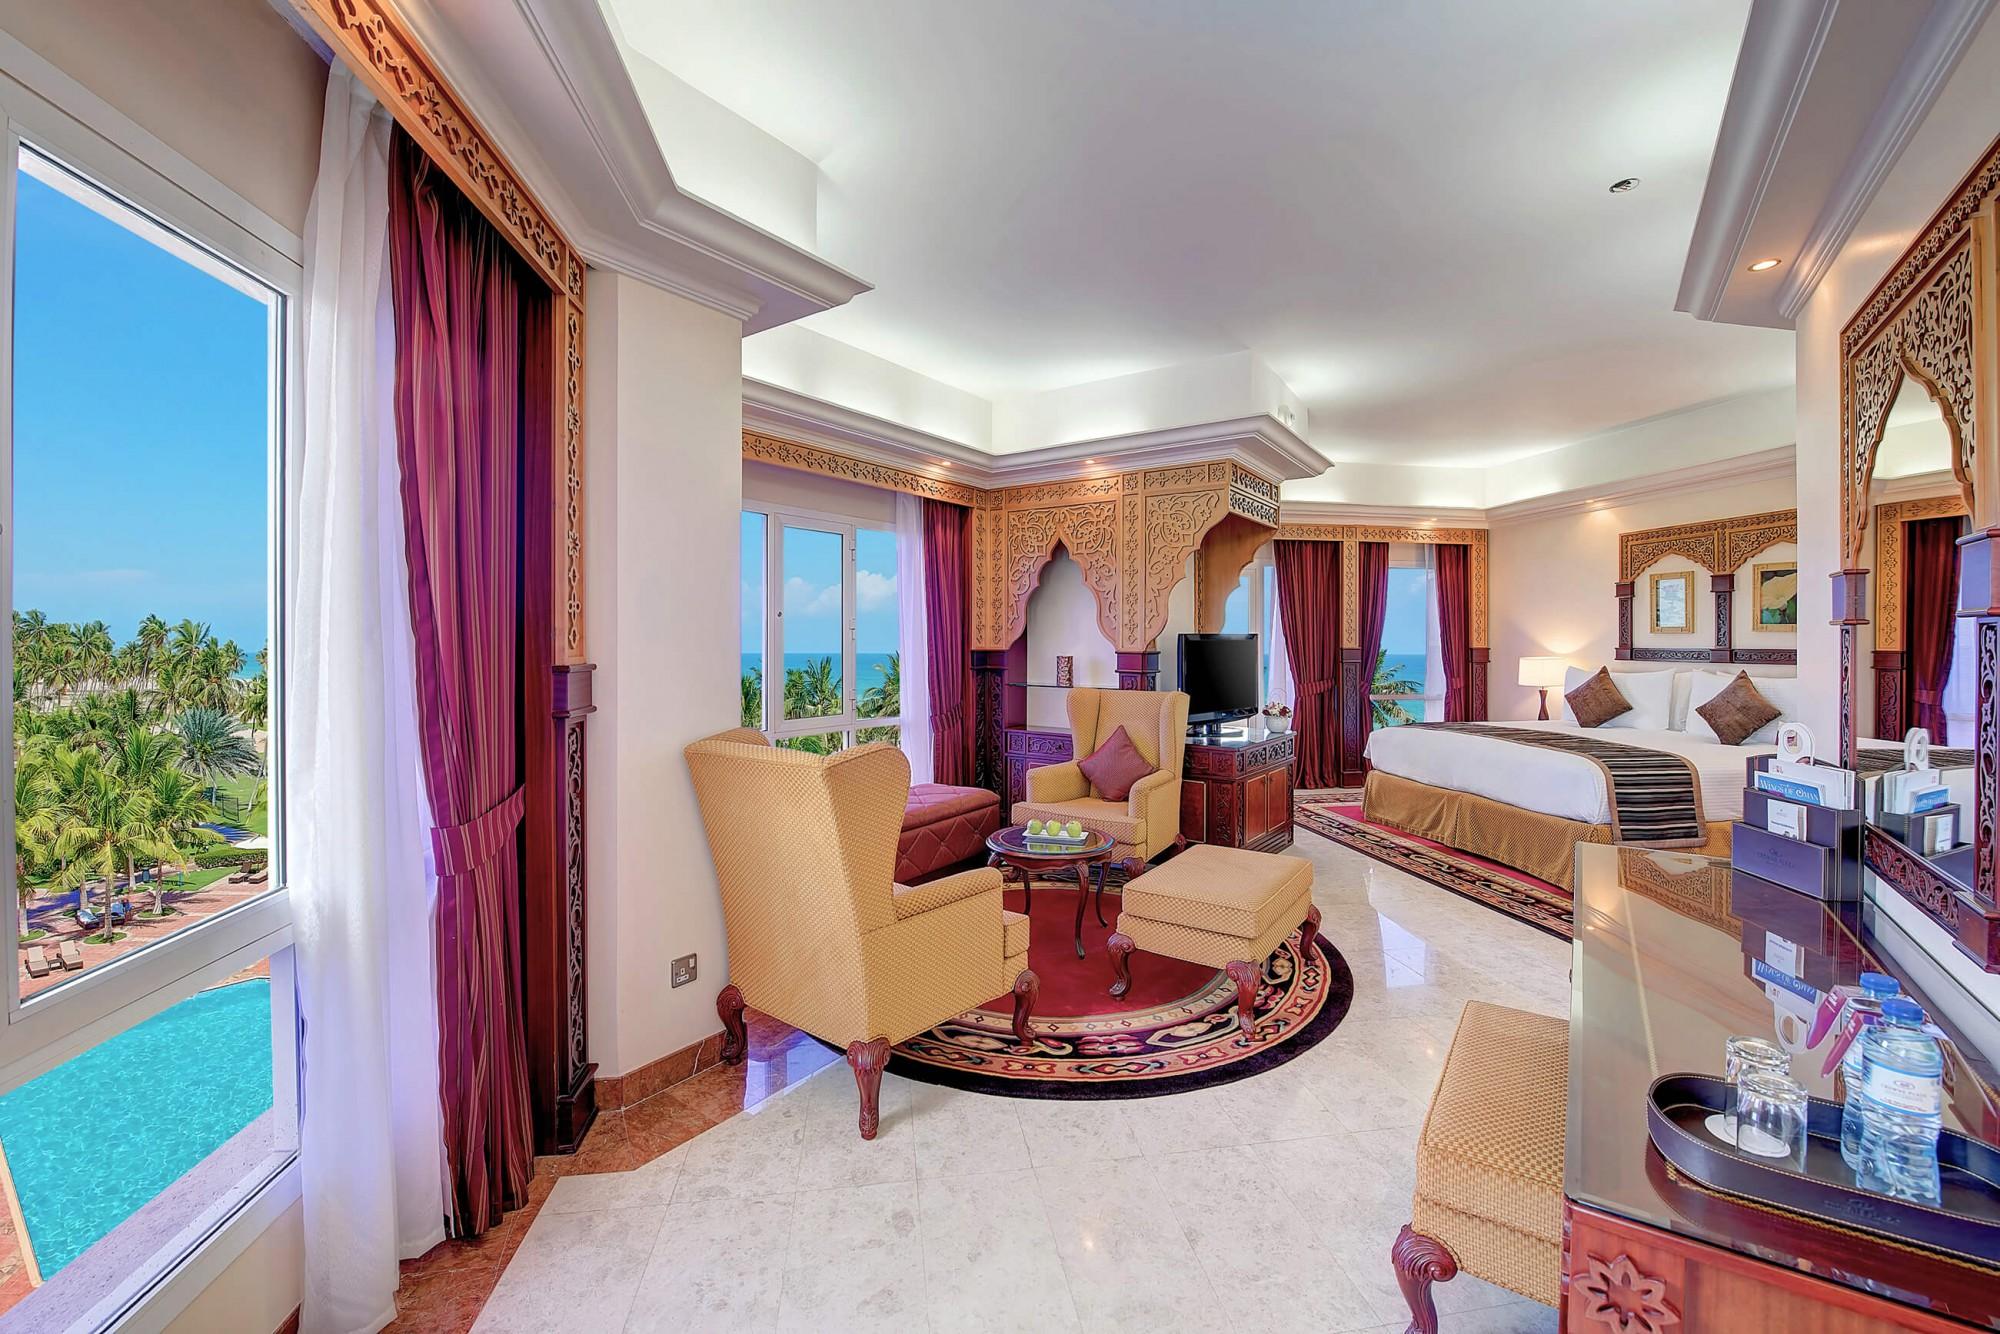 Pokud se chcete cítit jako sután, můžete si připlatit za suite pokoj